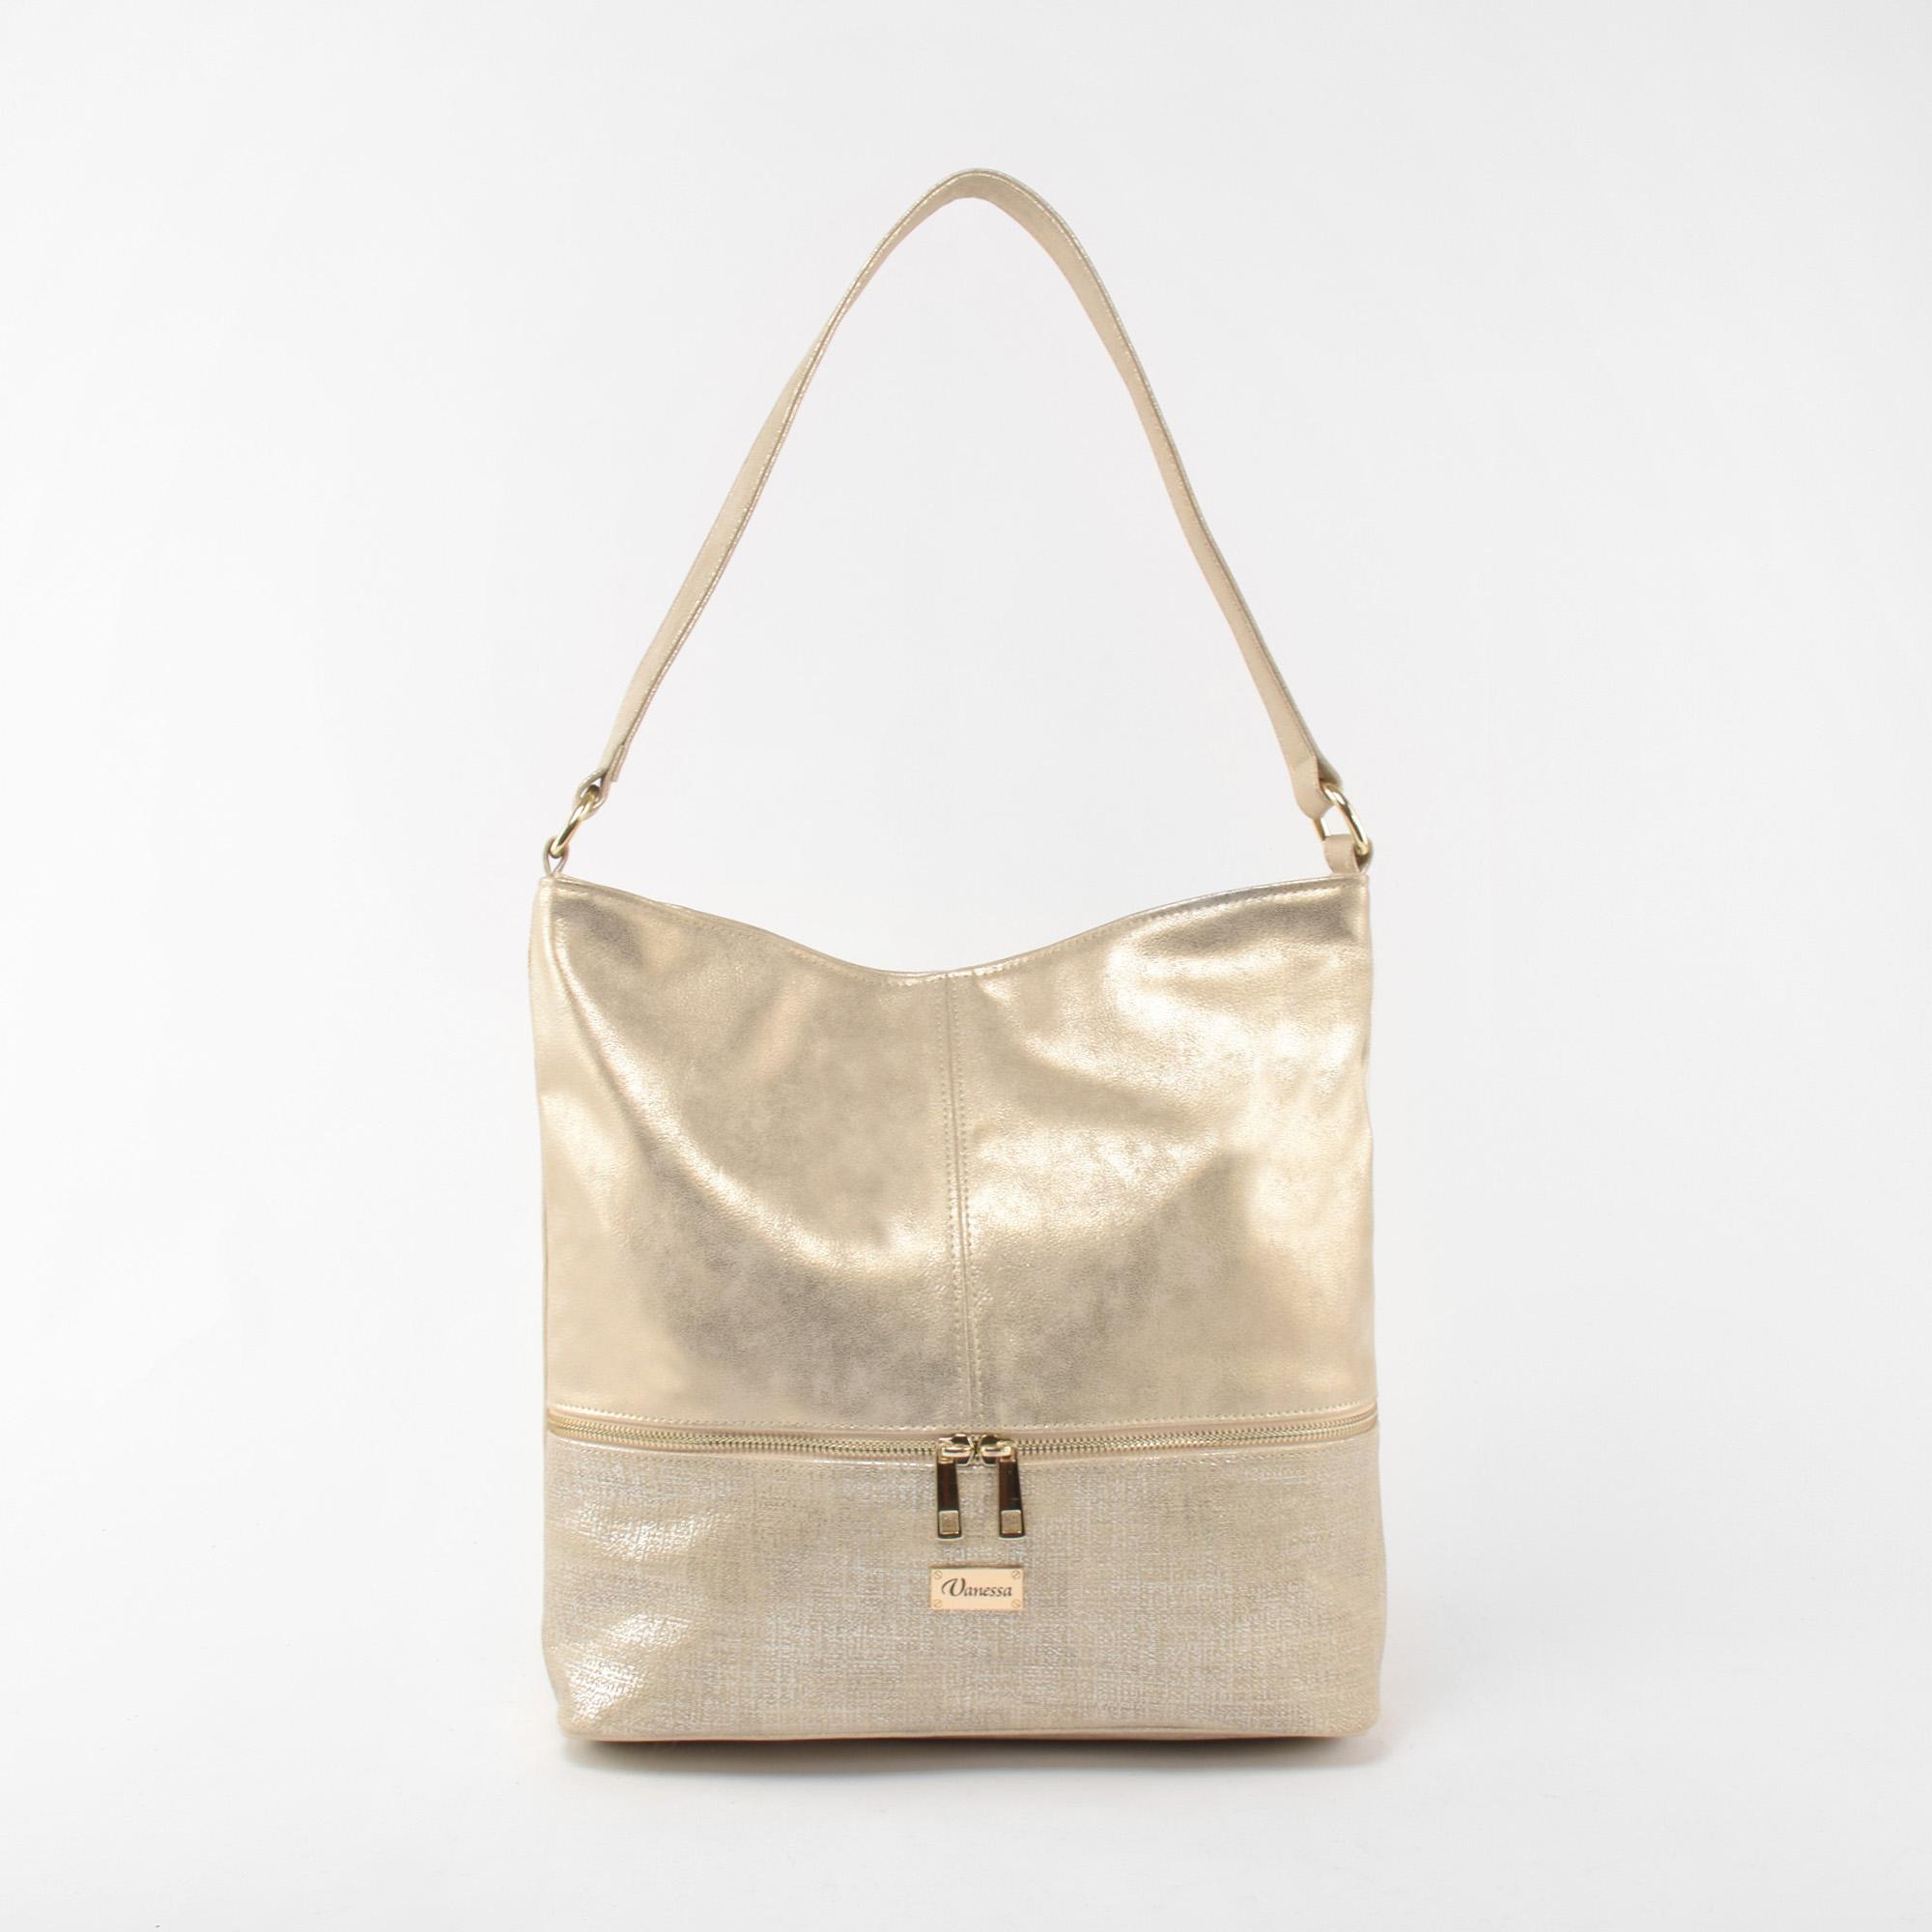 4fa3676cc6b0 Vanessa Női Arany Műbőr Válltáska - Válltáskák - Táska webáruház - Minőségi  táskák mindenkinek